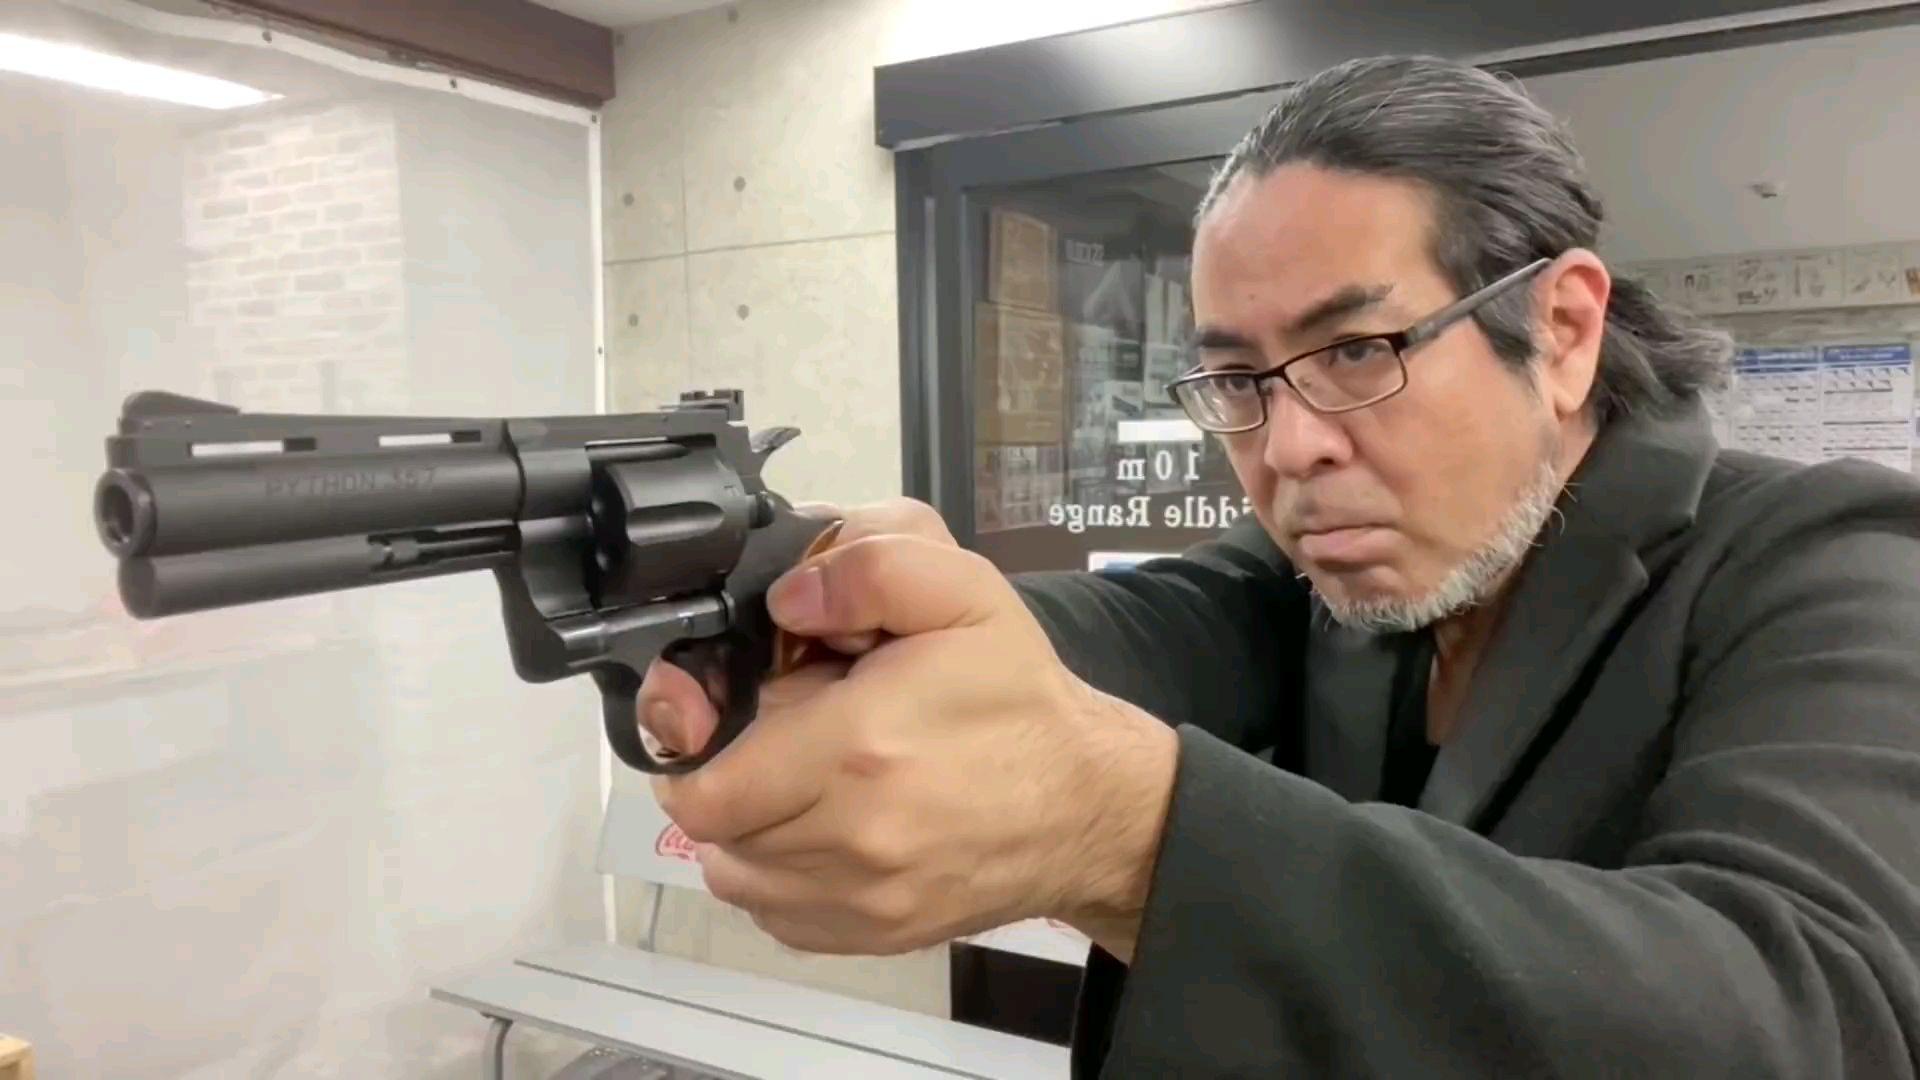 [油管搬运]我最喜欢的玩具枪